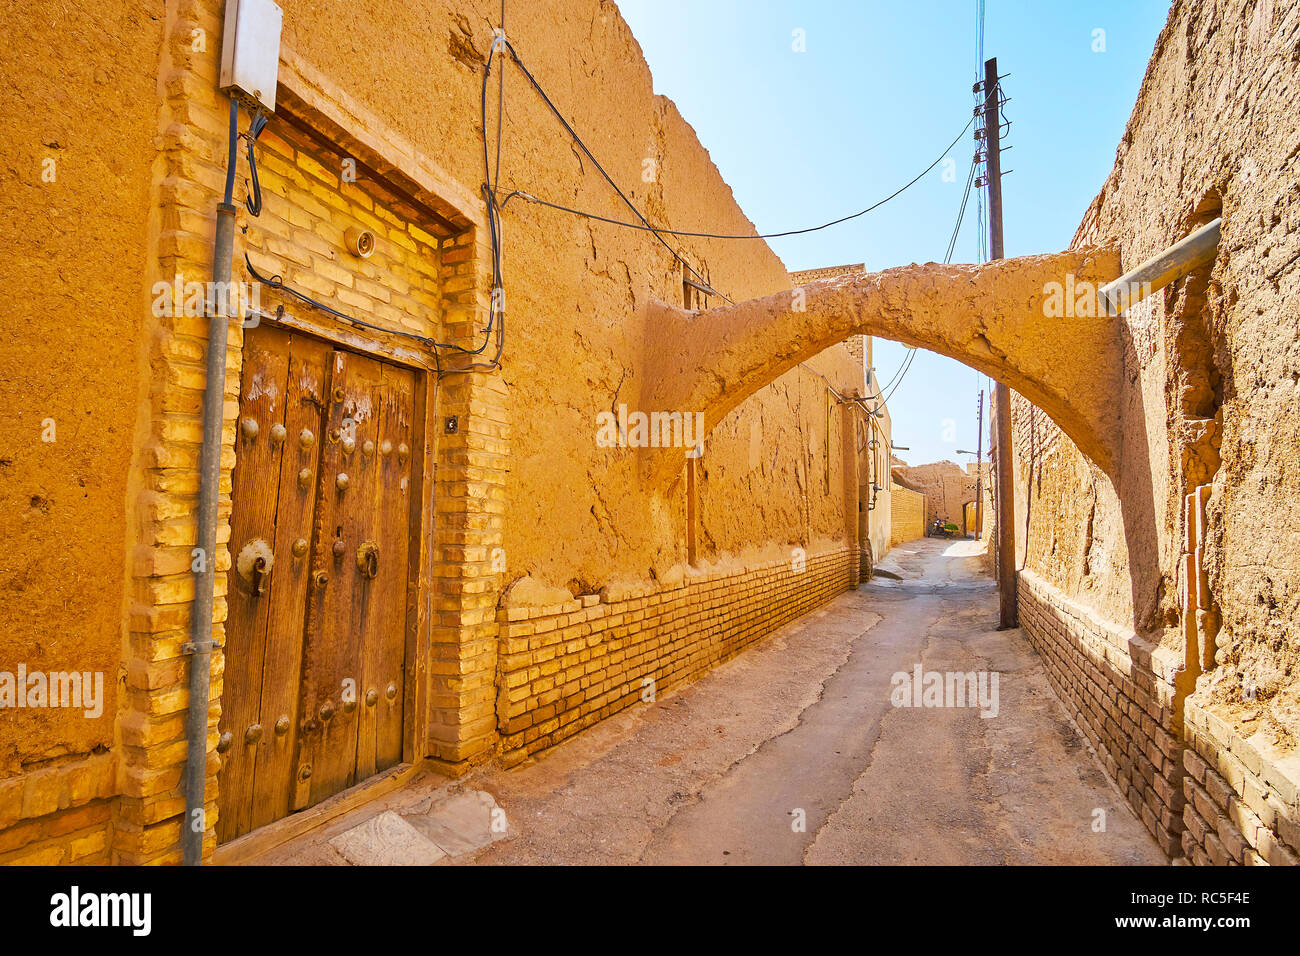 Die schäbige Straße der alten Stadt mit mittelalterlichen Holztür, bröckelt Adobe Wände, gebogene kuche Durchgang und enge Straße, Yazd, Iran. Stockfoto